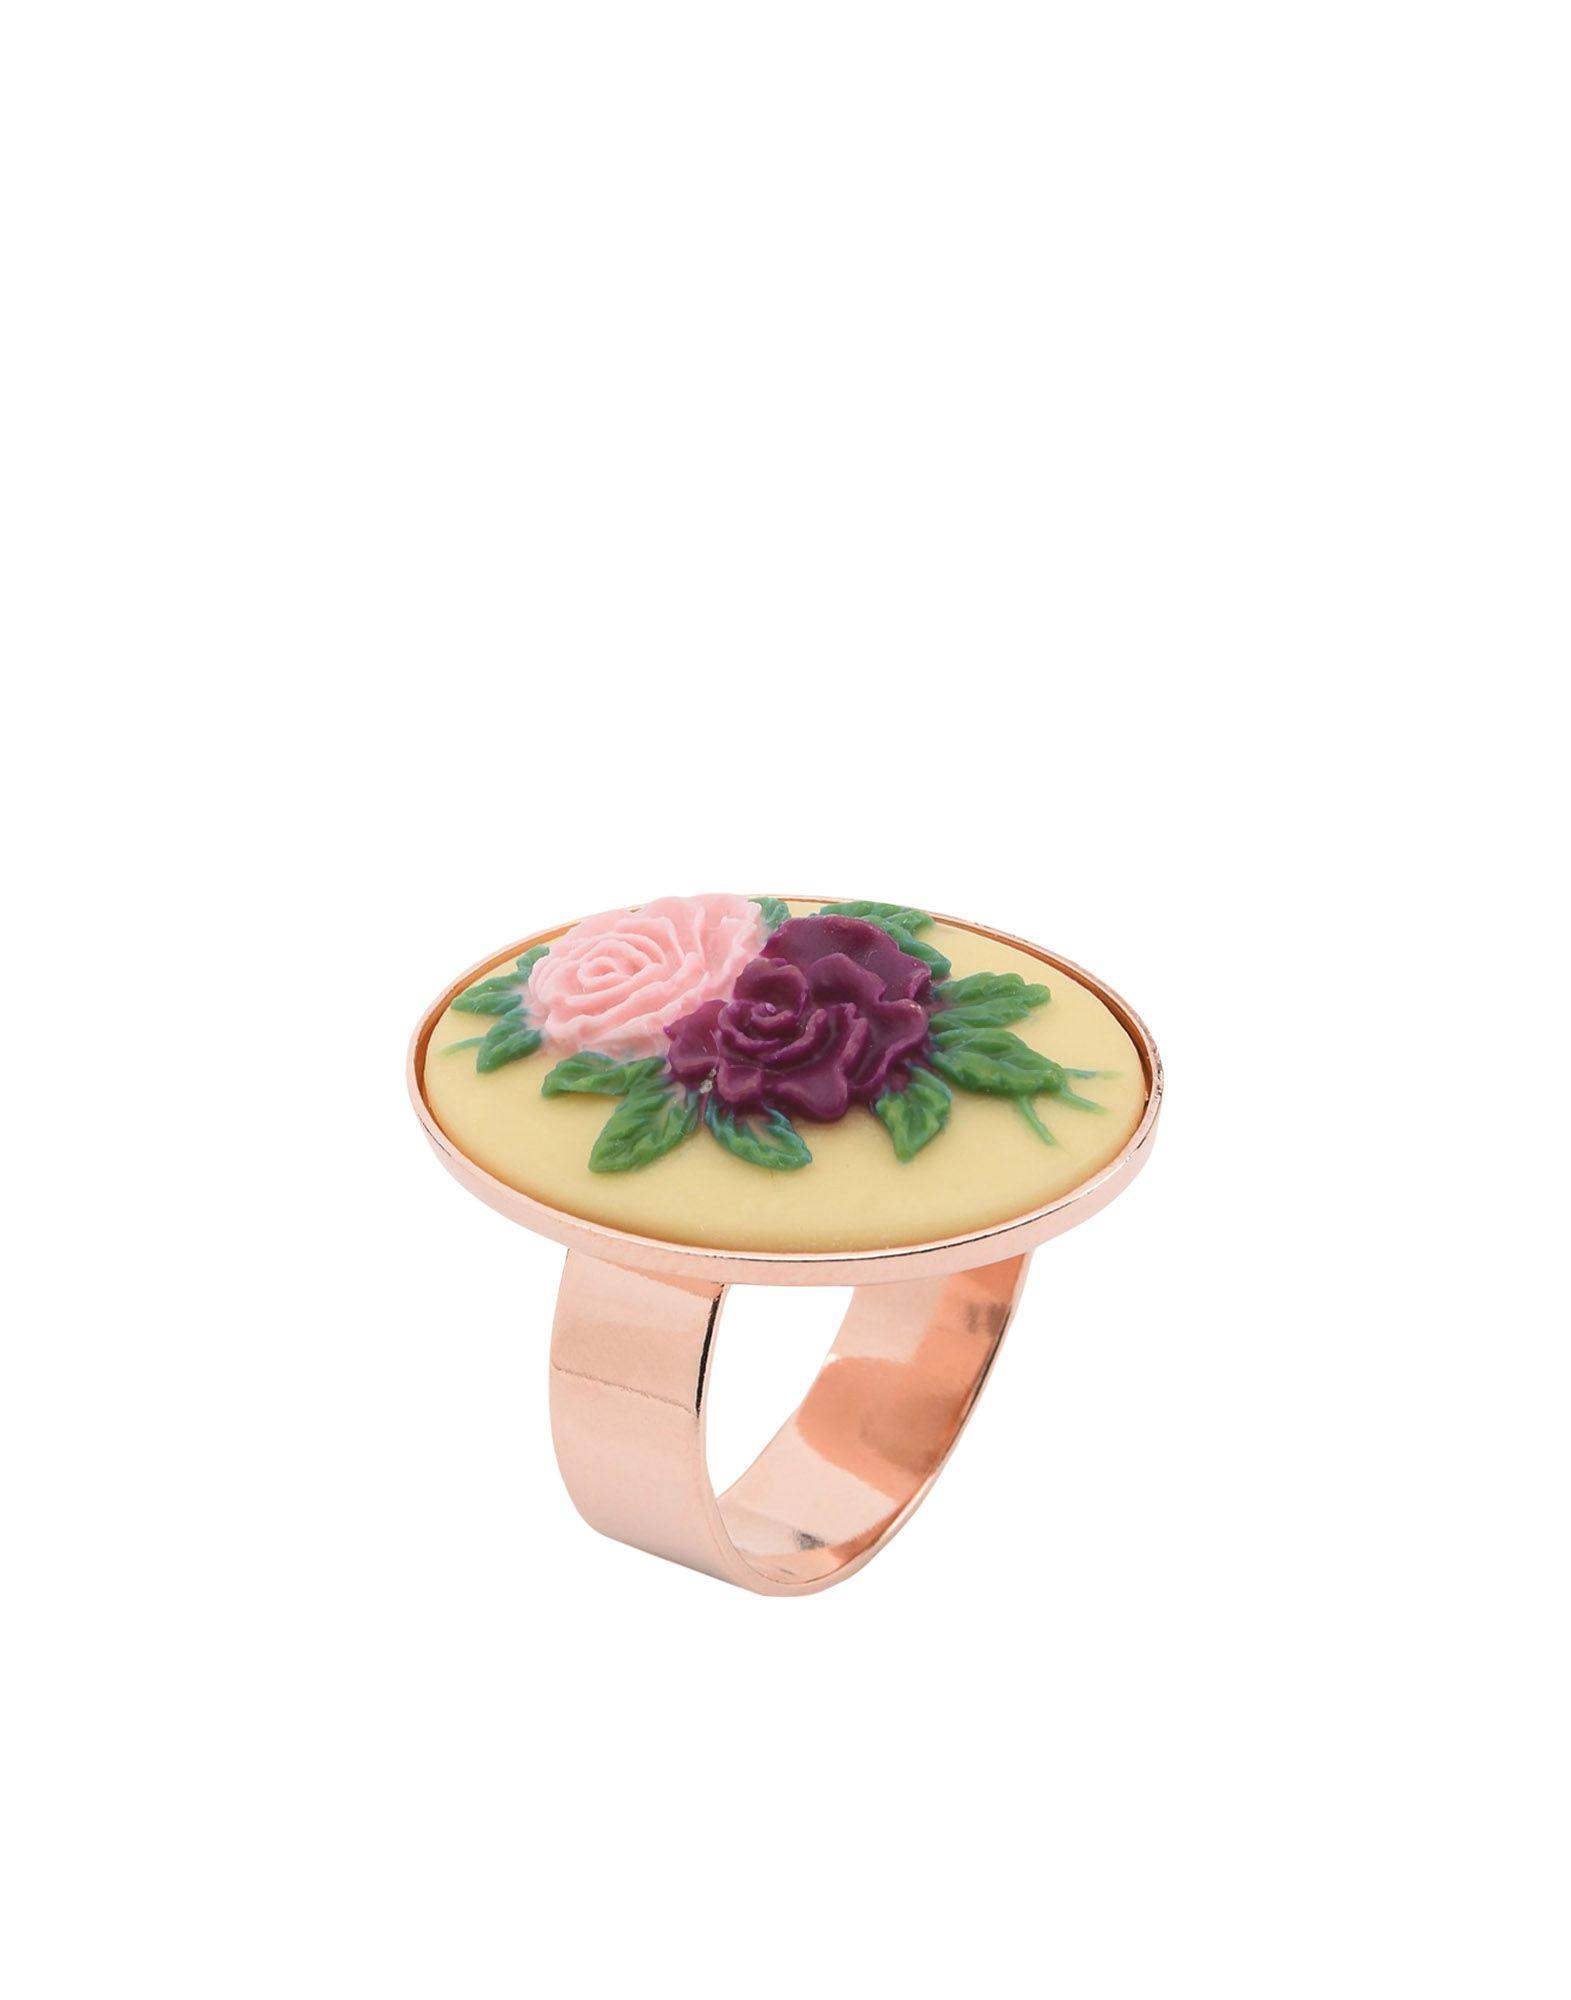 《セール開催中》FIRST PEOPLE FIRST レディース 指輪 イエロー one size 真鍮/ブラス / ポリウレタン ANELLO-CAMMEO-NEW